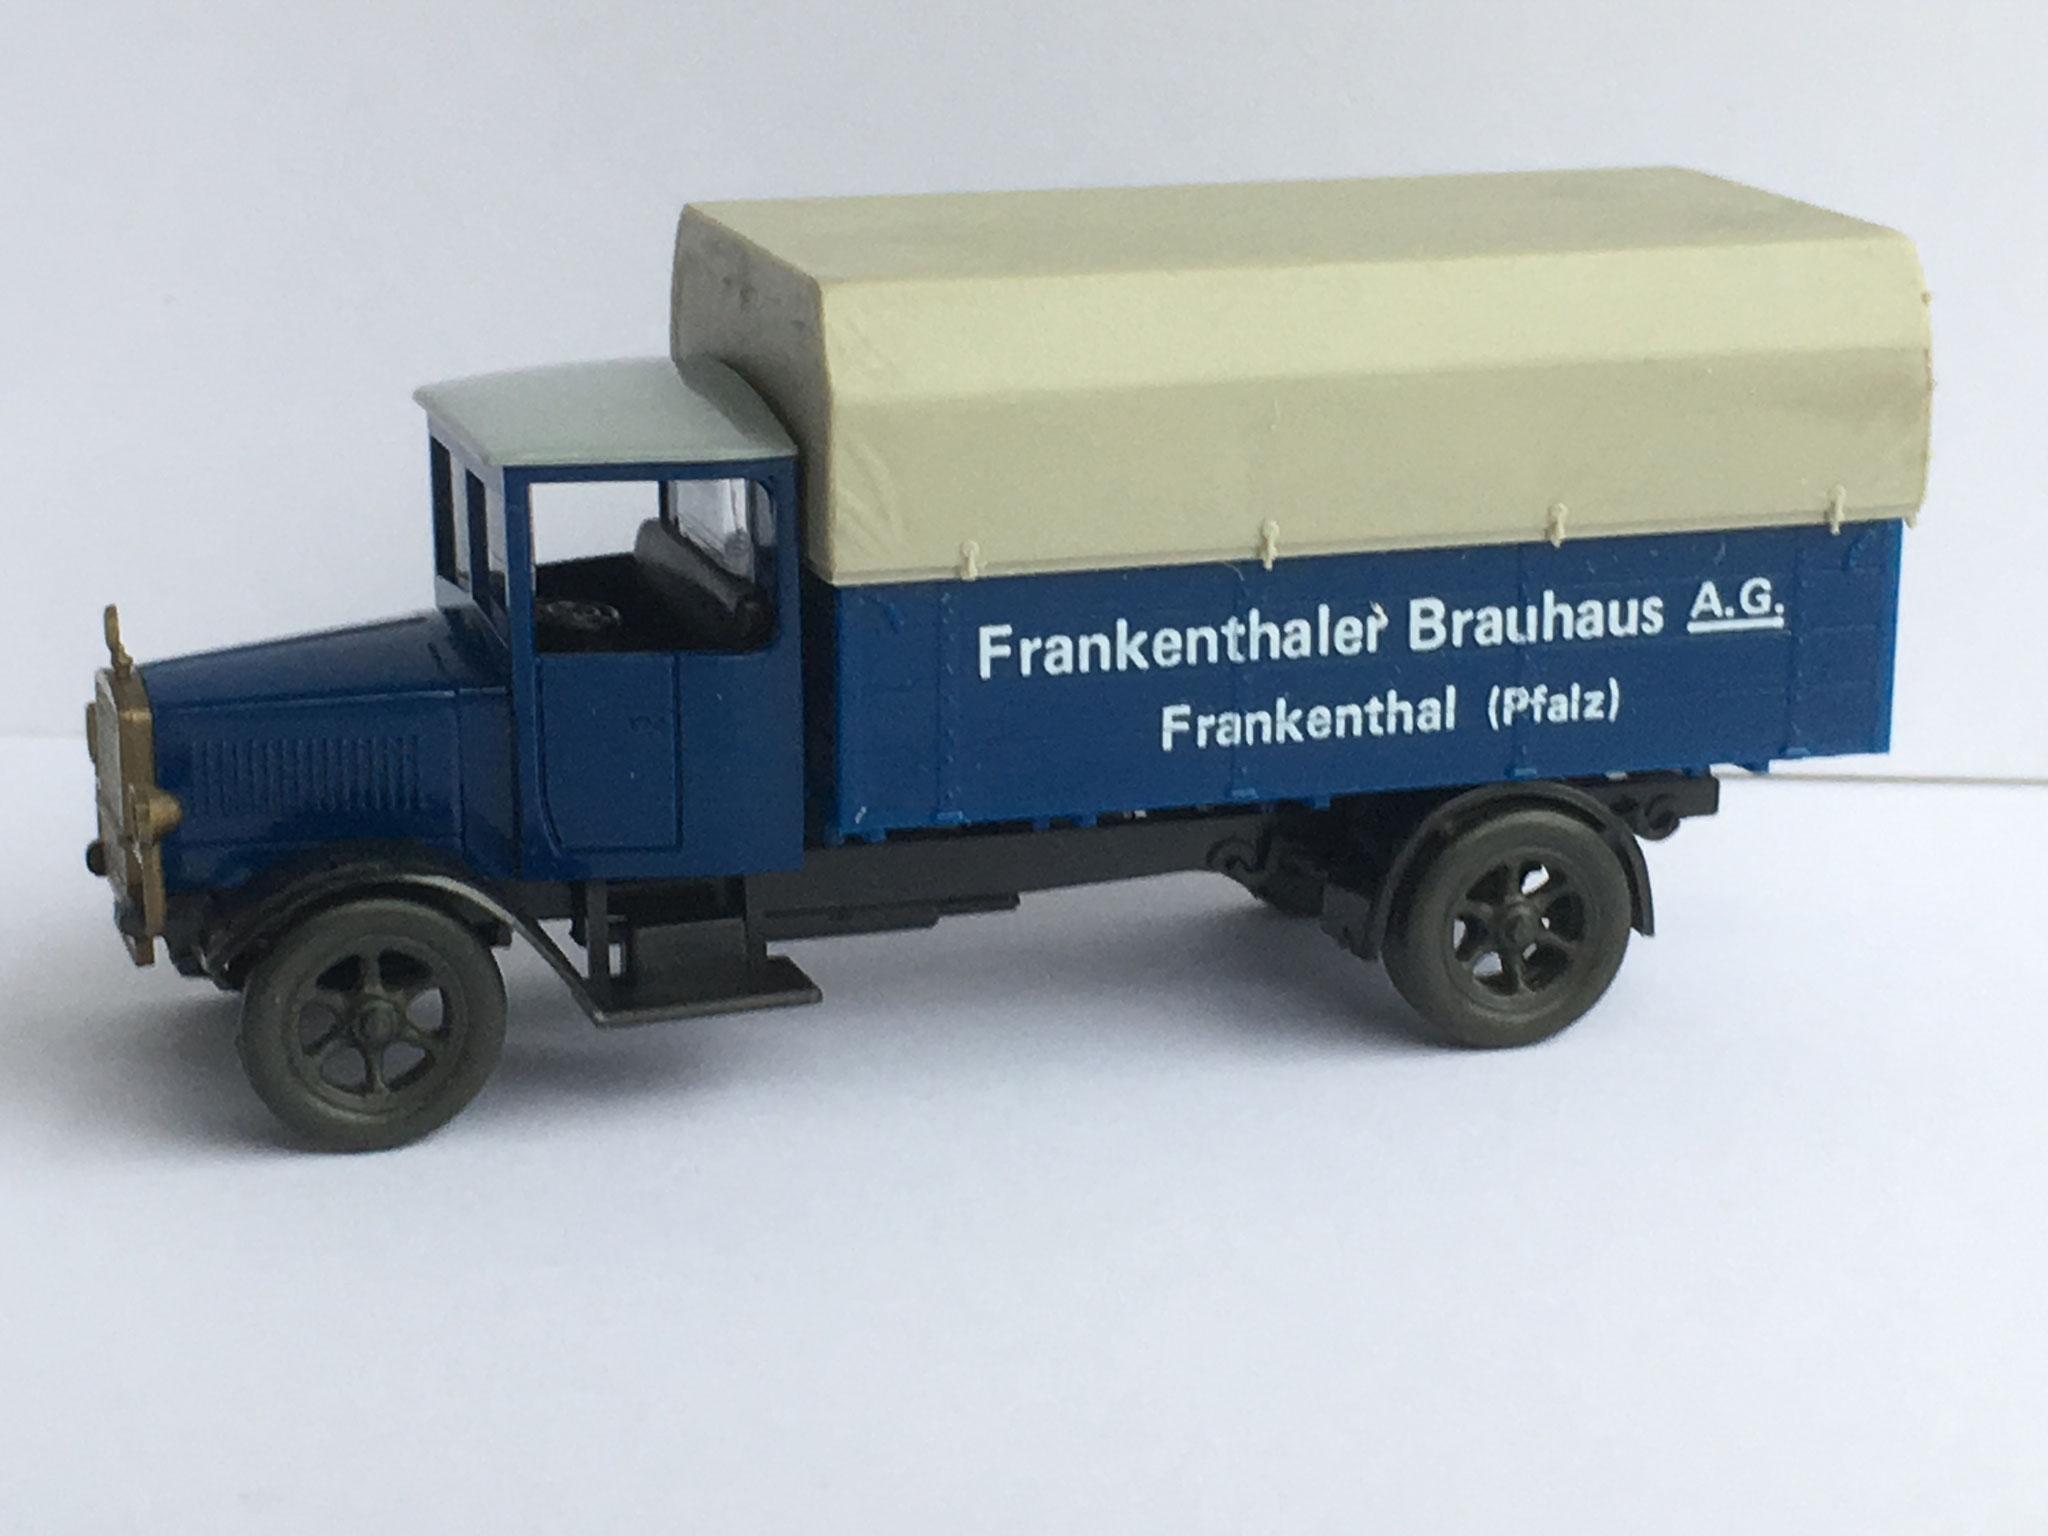 Mercedes L5 Bierwagen Frankenthaler Brauhaus, 1988